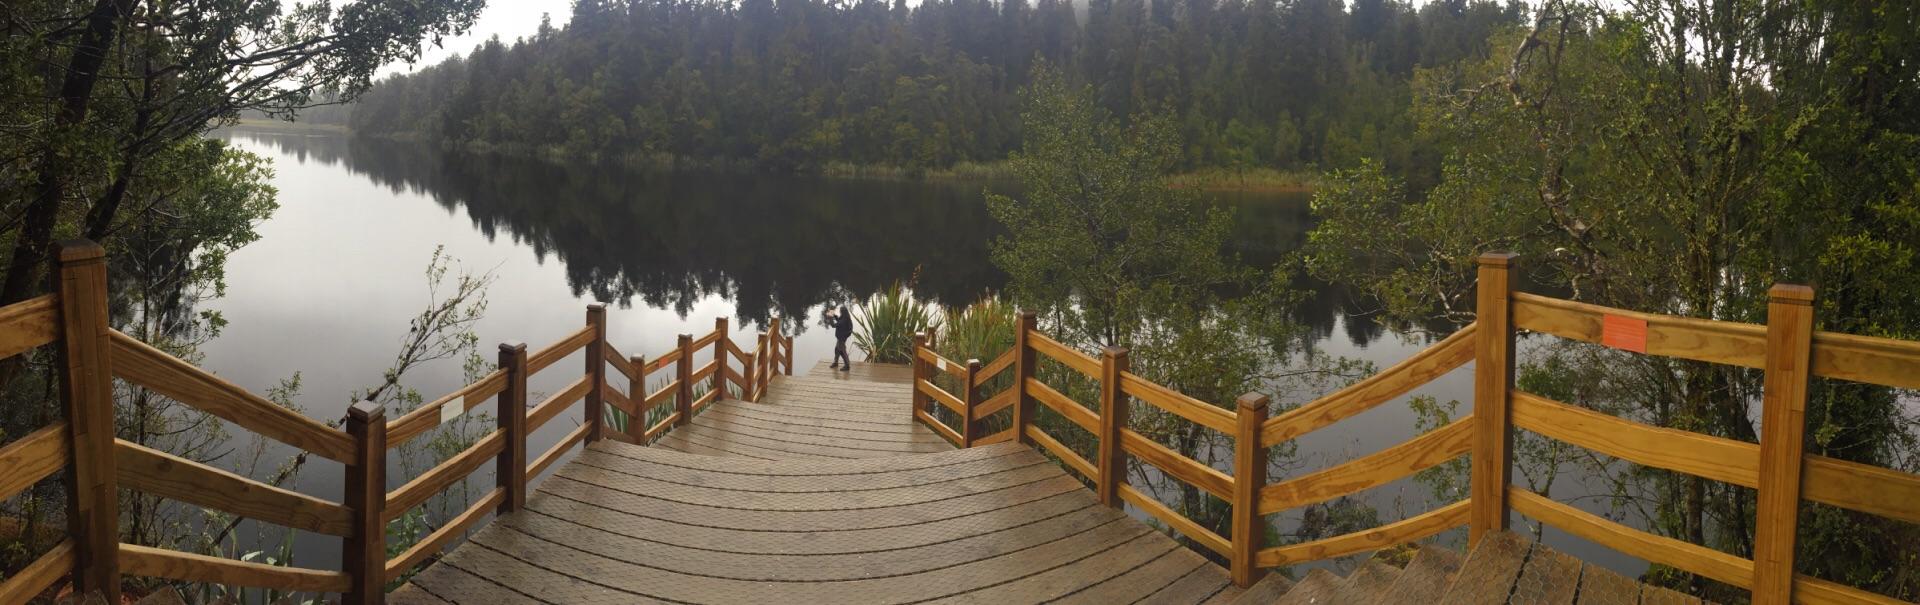 Matheson Lake Regional Park